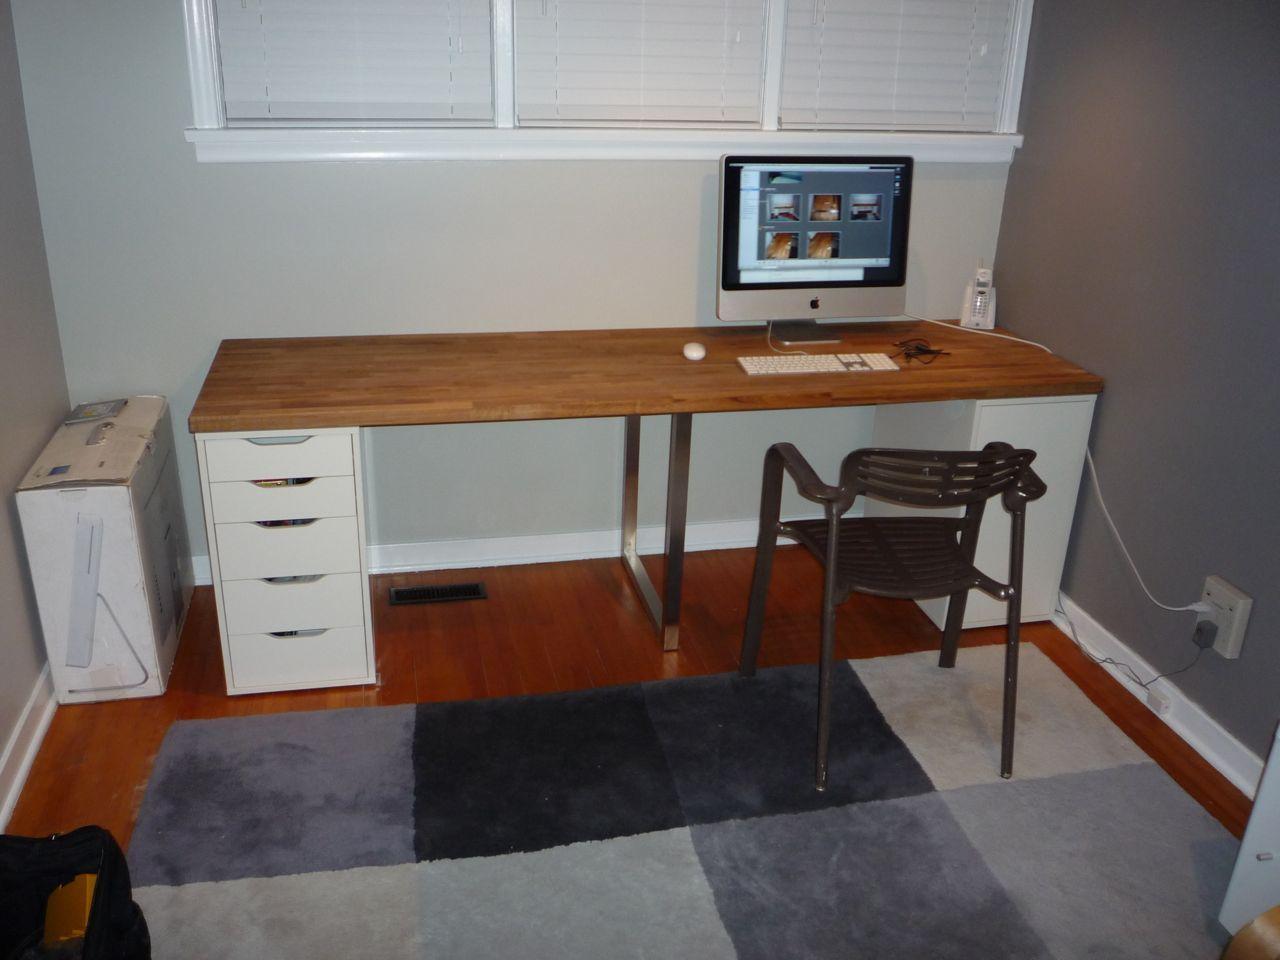 Giant Ikea Numerar Desk Ikea Workspace Ikea Desk Ikea Alex Desk